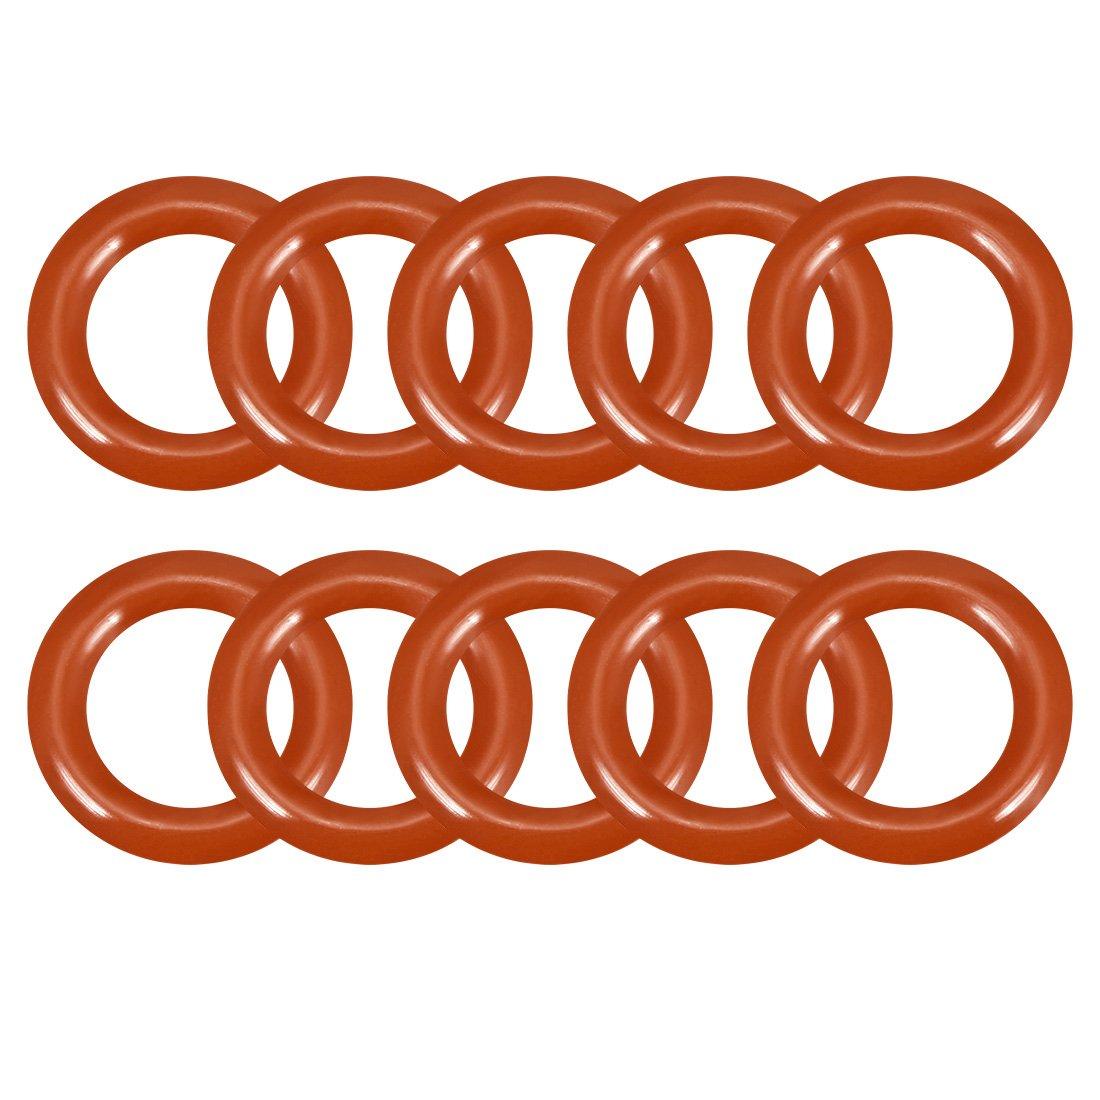 colore rosso a18032900ux0268 diametro esterno 8-32 mm guarnizione ad anello in silicone Sourcingmap